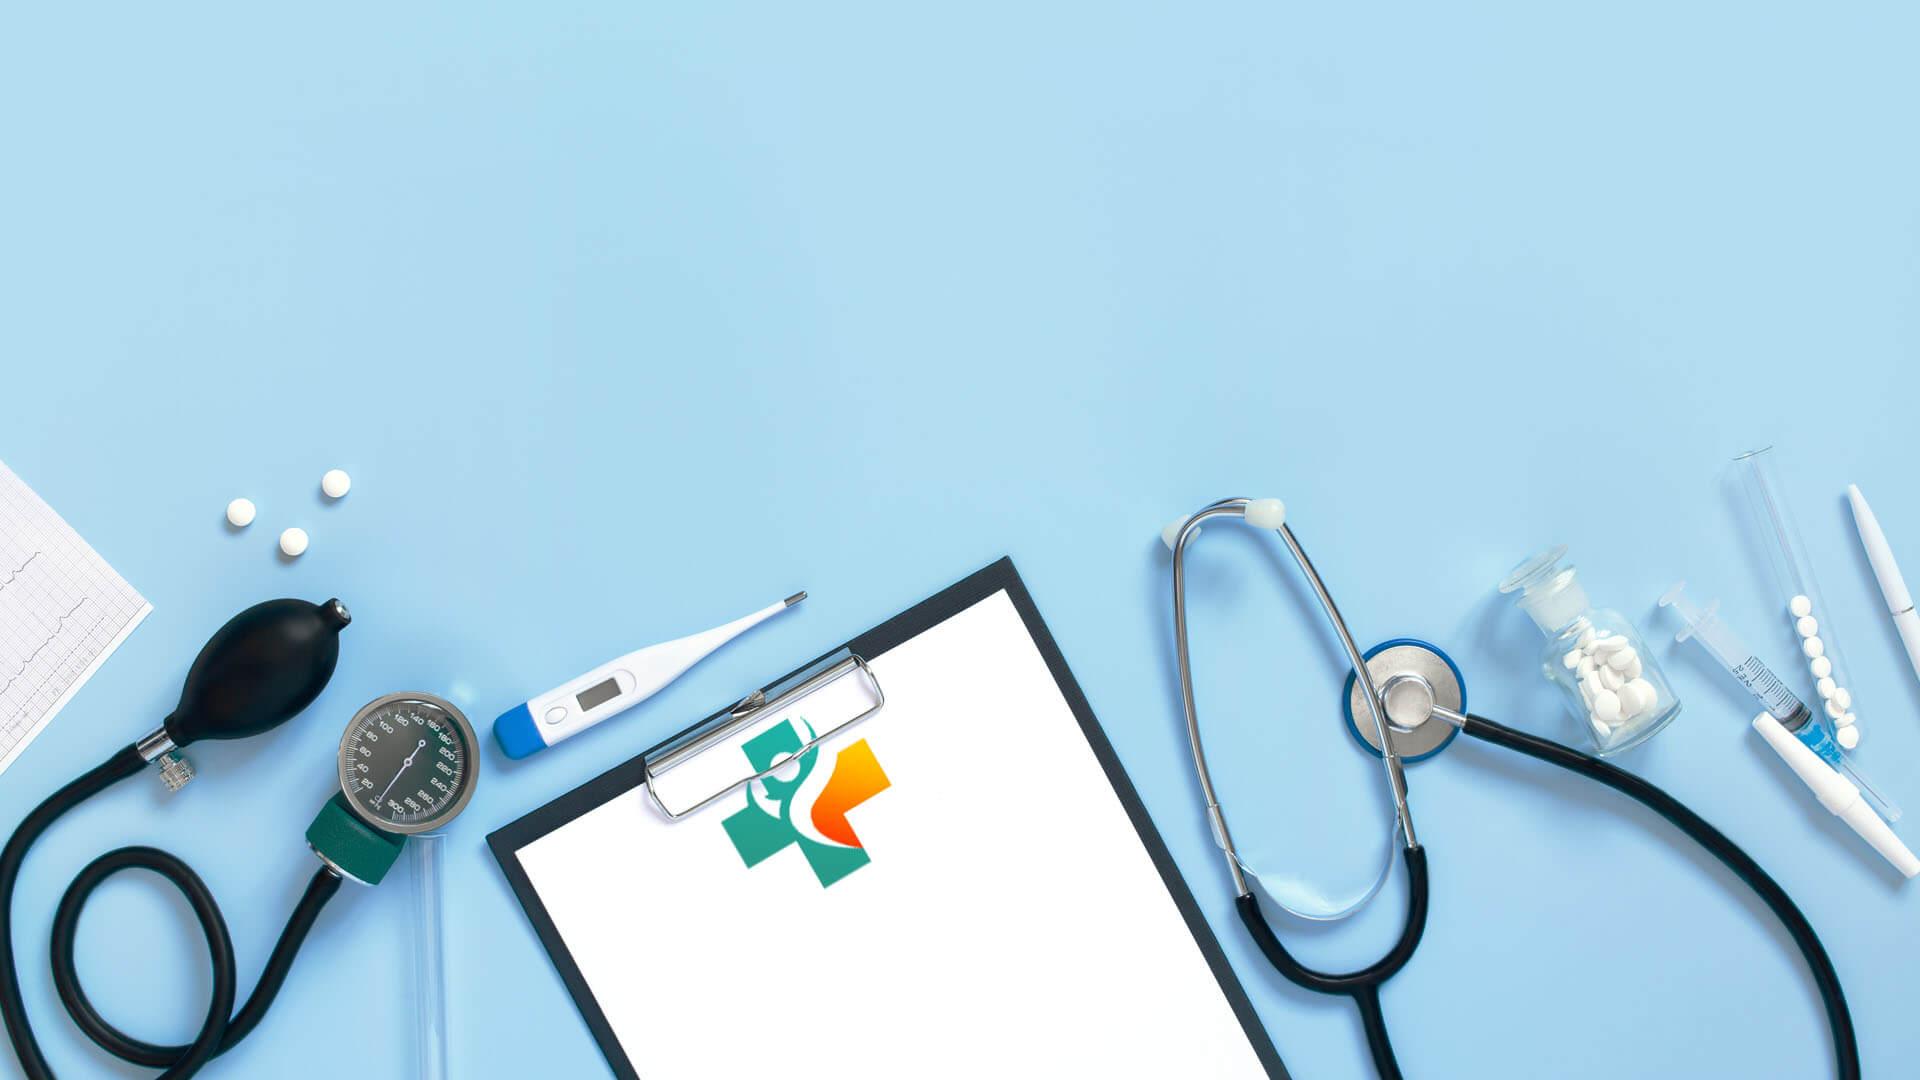 Ειδικός Παθολόγος, MSc Σακχαρώδης Διαβήτης και Παχυσαρκία